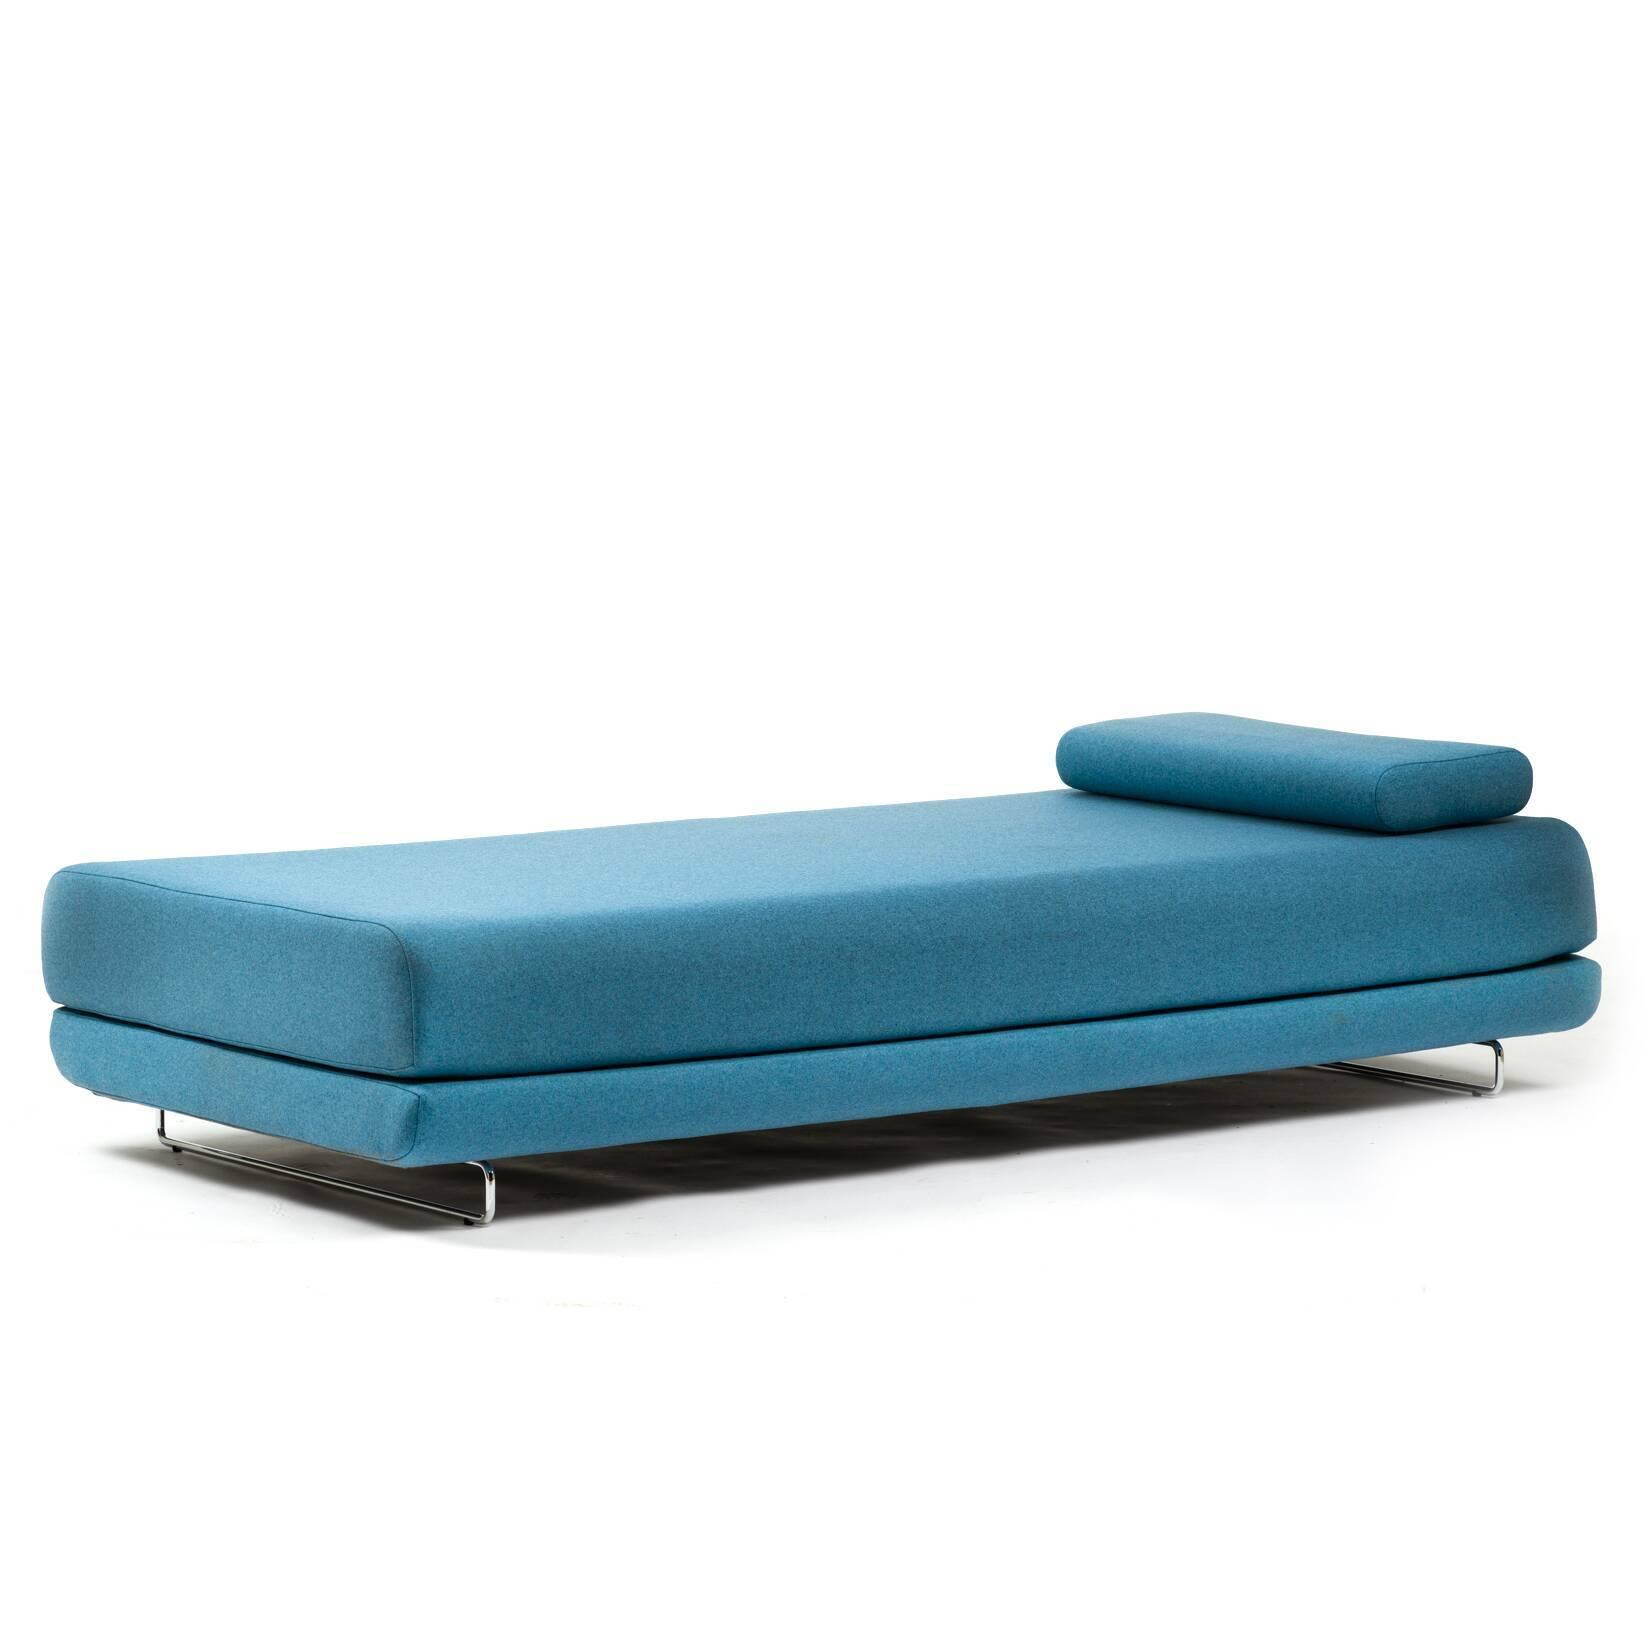 Кушетка ShineКушетки<br>Кушетка Shine находится на острие дизайна XXI столетия. Это многофункциональный предмет мебели: сидите, бездельничайте или преобразуйте его в удобную гостевую кровать на две персоны. Минималистичный дизайн позволяет использовать кушетку практически в любом интерьере, особенно если вы подберете подходящий цвет обивки.<br><br><br><br><br><br><br><br><br> Кушетка Shine — творение датского дуэта Флемминга Буска и Стефана Б.Херцога. Конструкции Буска и Херцога описываются выражениями «чистые» и «минималистич...<br><br>stock: 0<br>Высота: 39<br>Глубина: 89<br>Длина: 201<br>Цвет ножек: Хром<br>Материал обивки: Шерсть, Полиамид<br>Коллекция ткани: Felt<br>Тип материала обивки: Ткань<br>Тип материала ножек: Сталь нержавеющая<br>Цвет обивки: Голубой